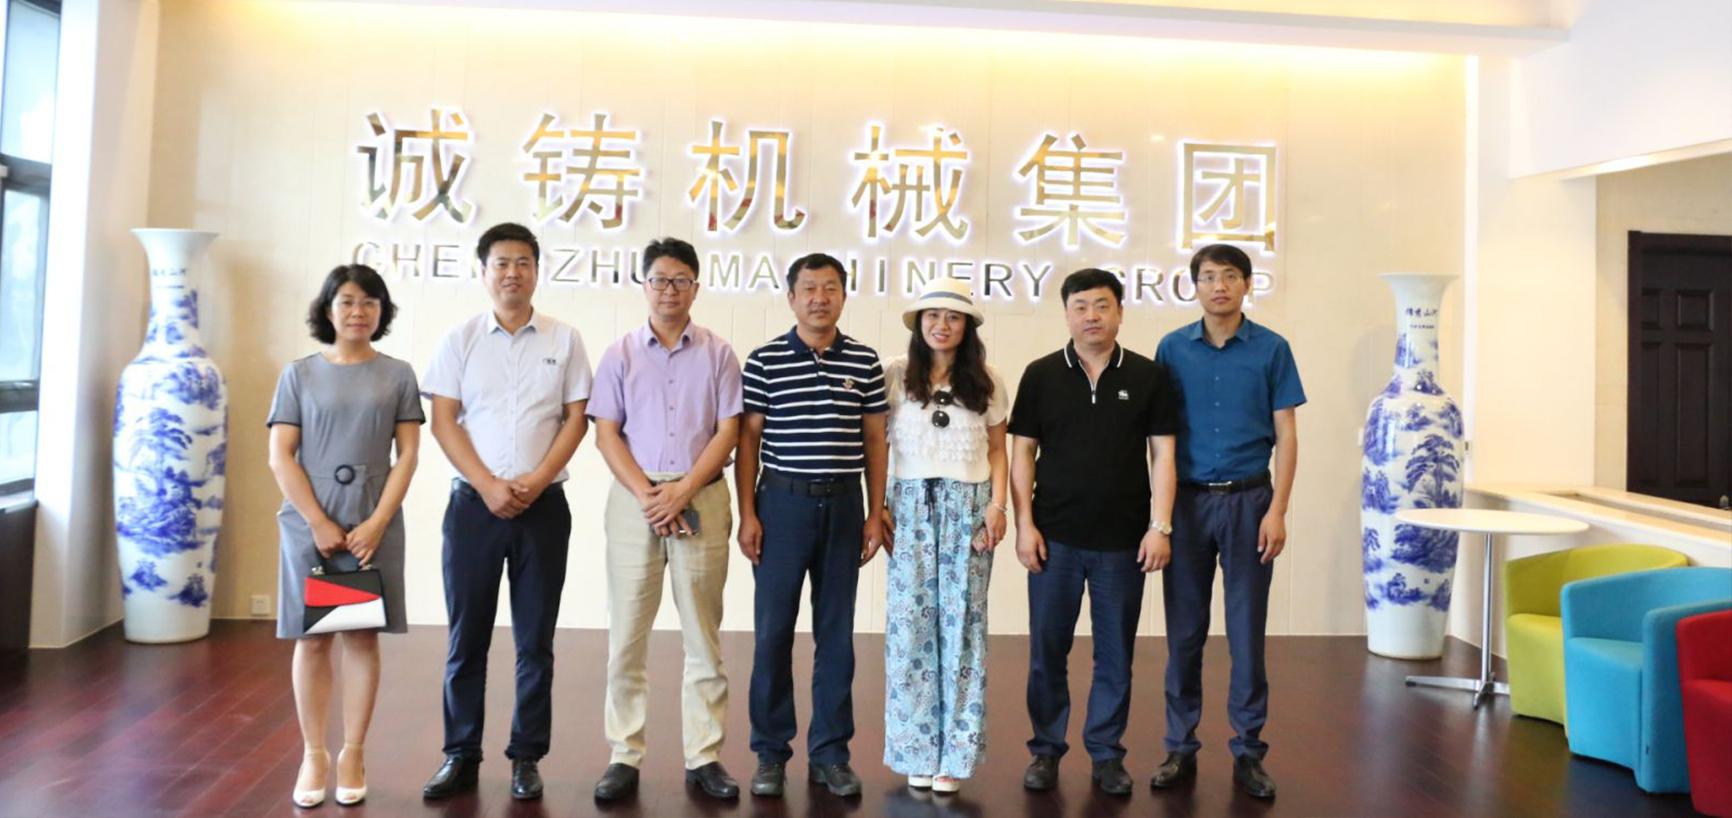 热烈欢迎中国农业大学青年领袖老师及各位同学莅临诚铸交流指导